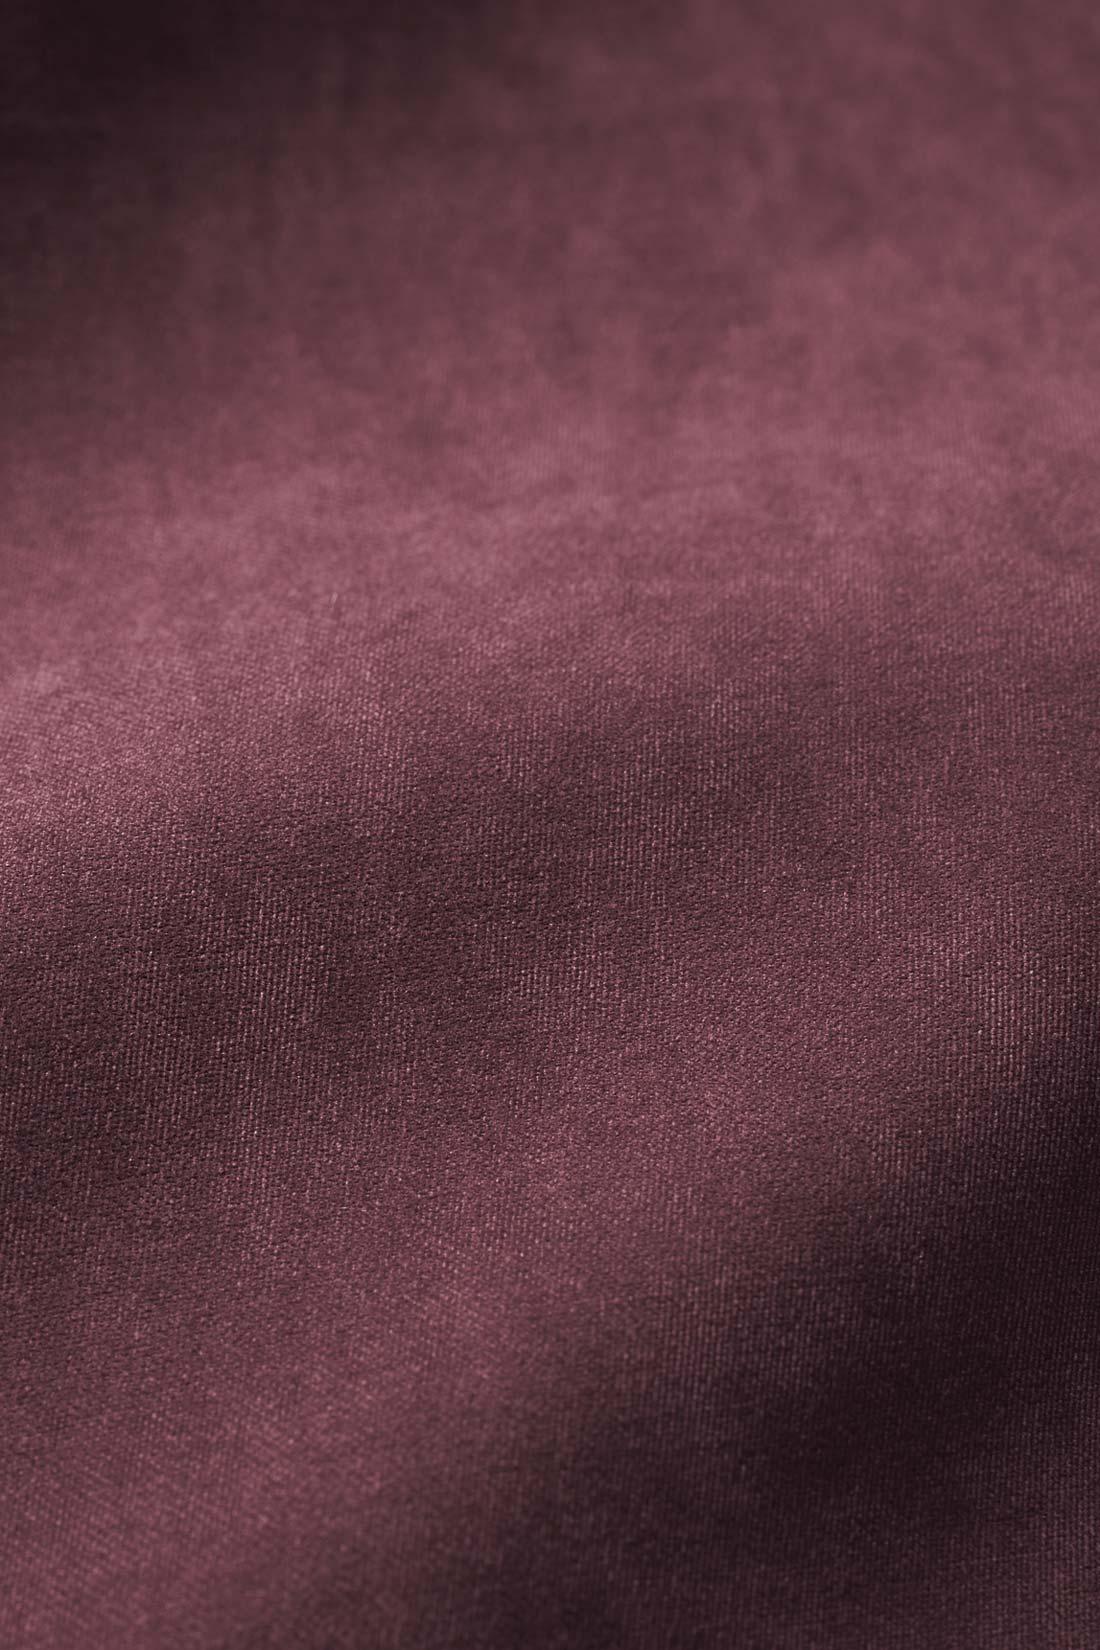 マットな質感の表ピーチ起毛。やわらかくてドレープがきれいな素材。